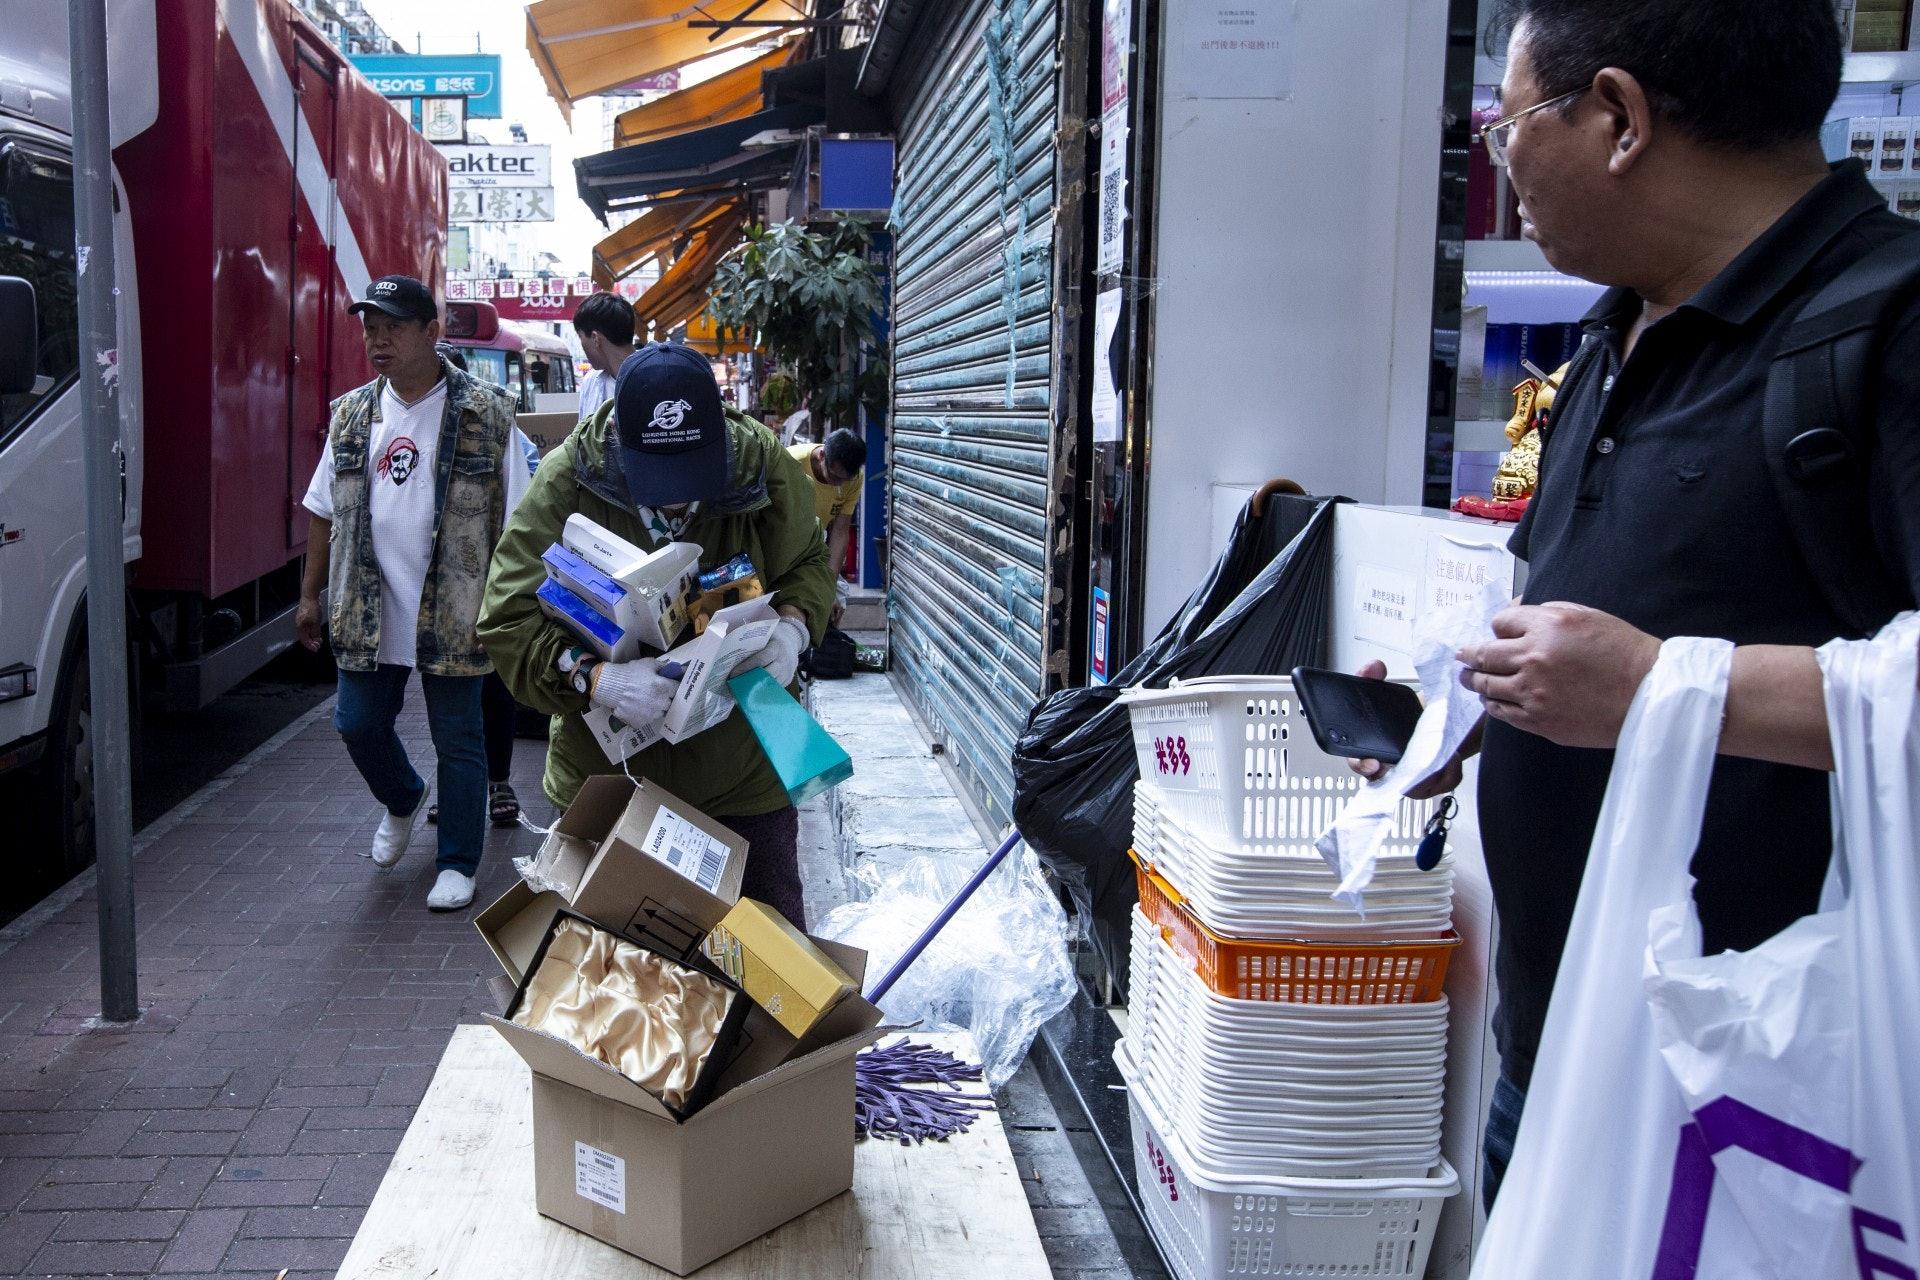 經過商鋪,不少熟悉黃姐的店鋪會將紙皮放到店外。(羅君豪攝)